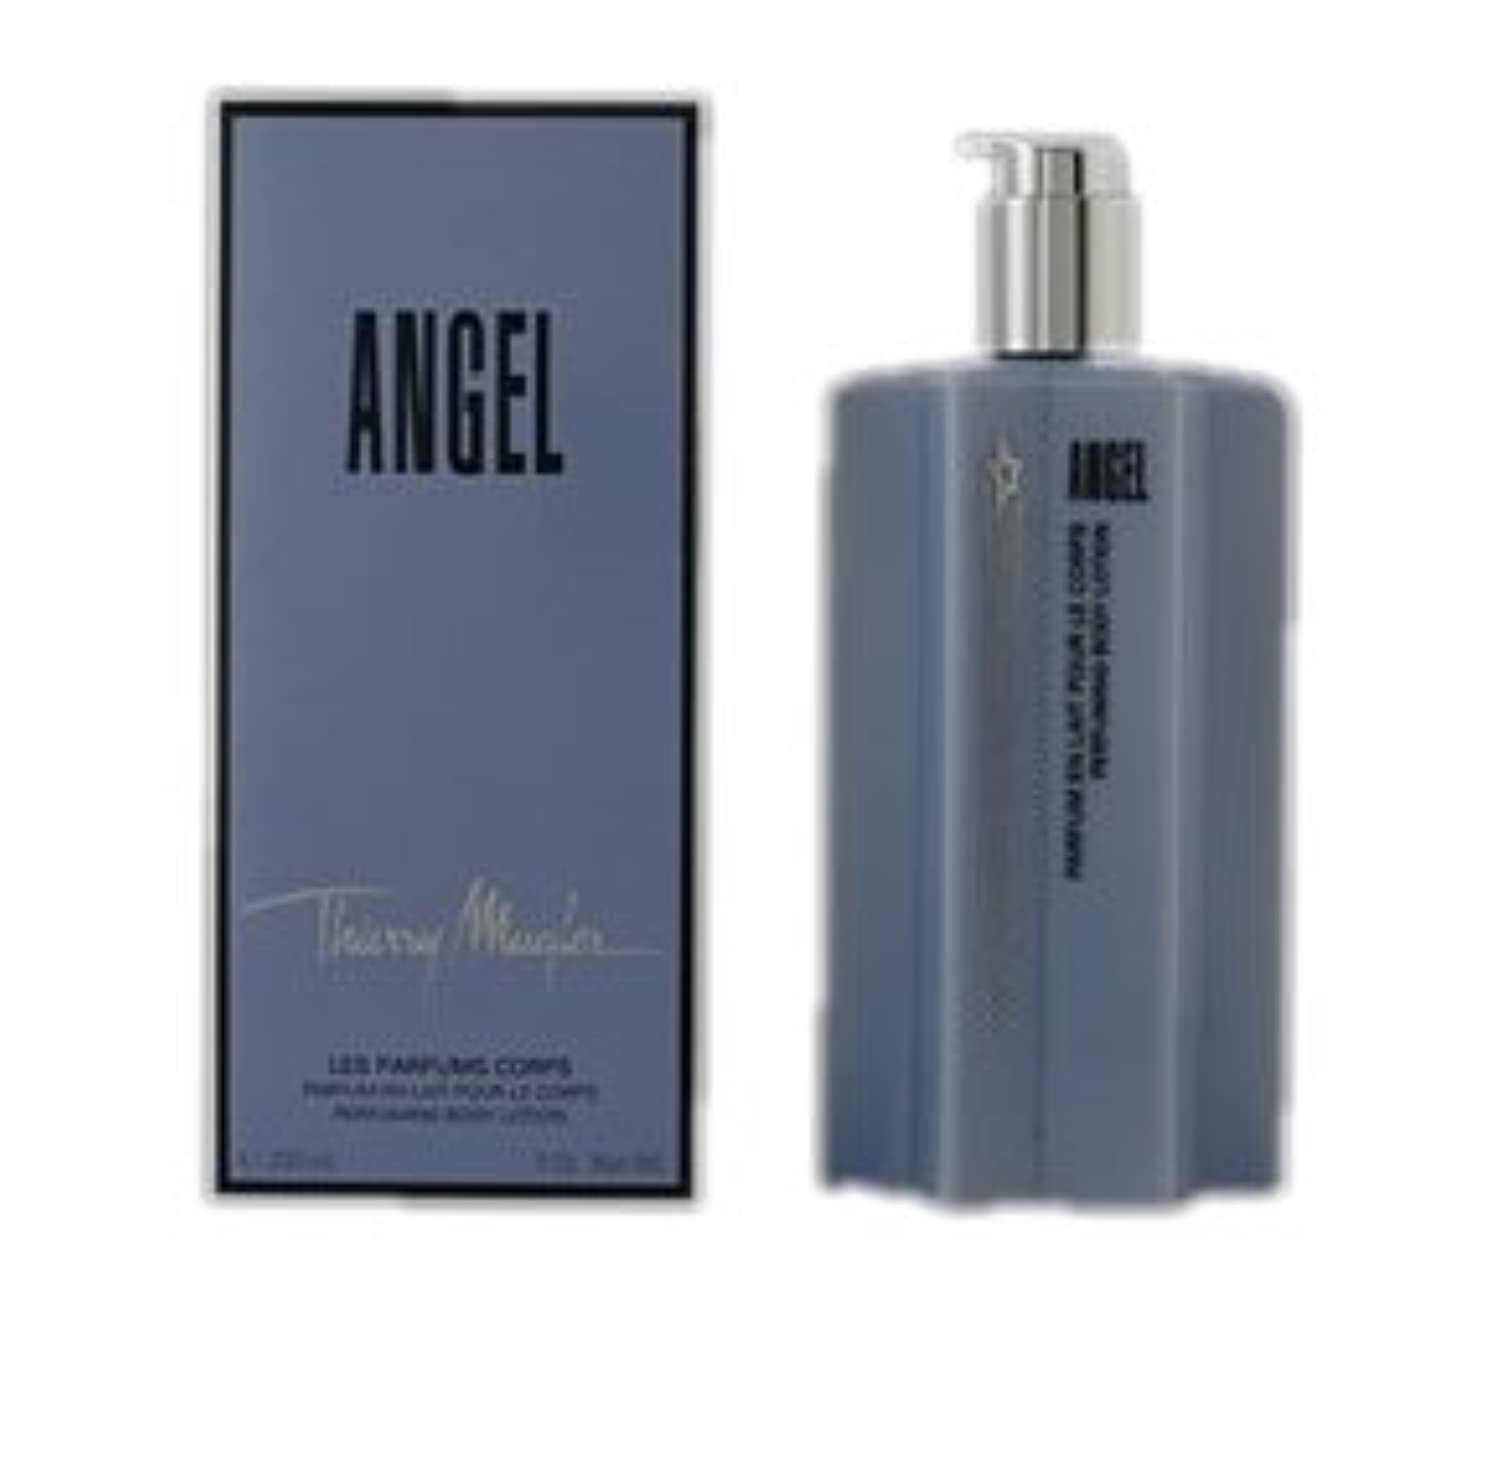 単位チャップ部屋を掃除するThierry Mugler Angel Perfuming Body Lotion 200ml [並行輸入品]